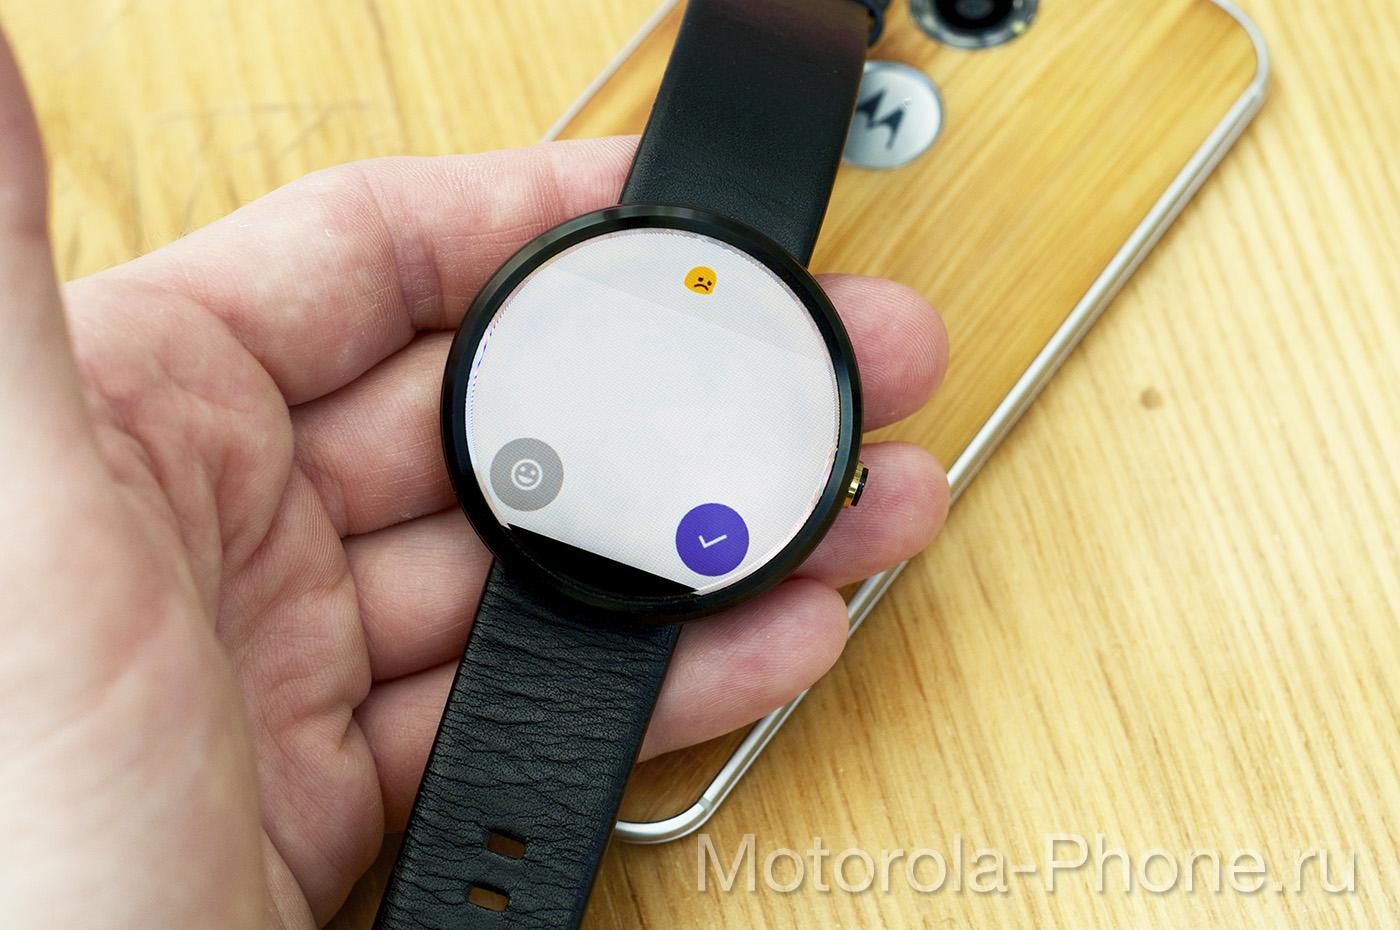 Motorola-Moto-360-Android-Wear-5-1-31 copy